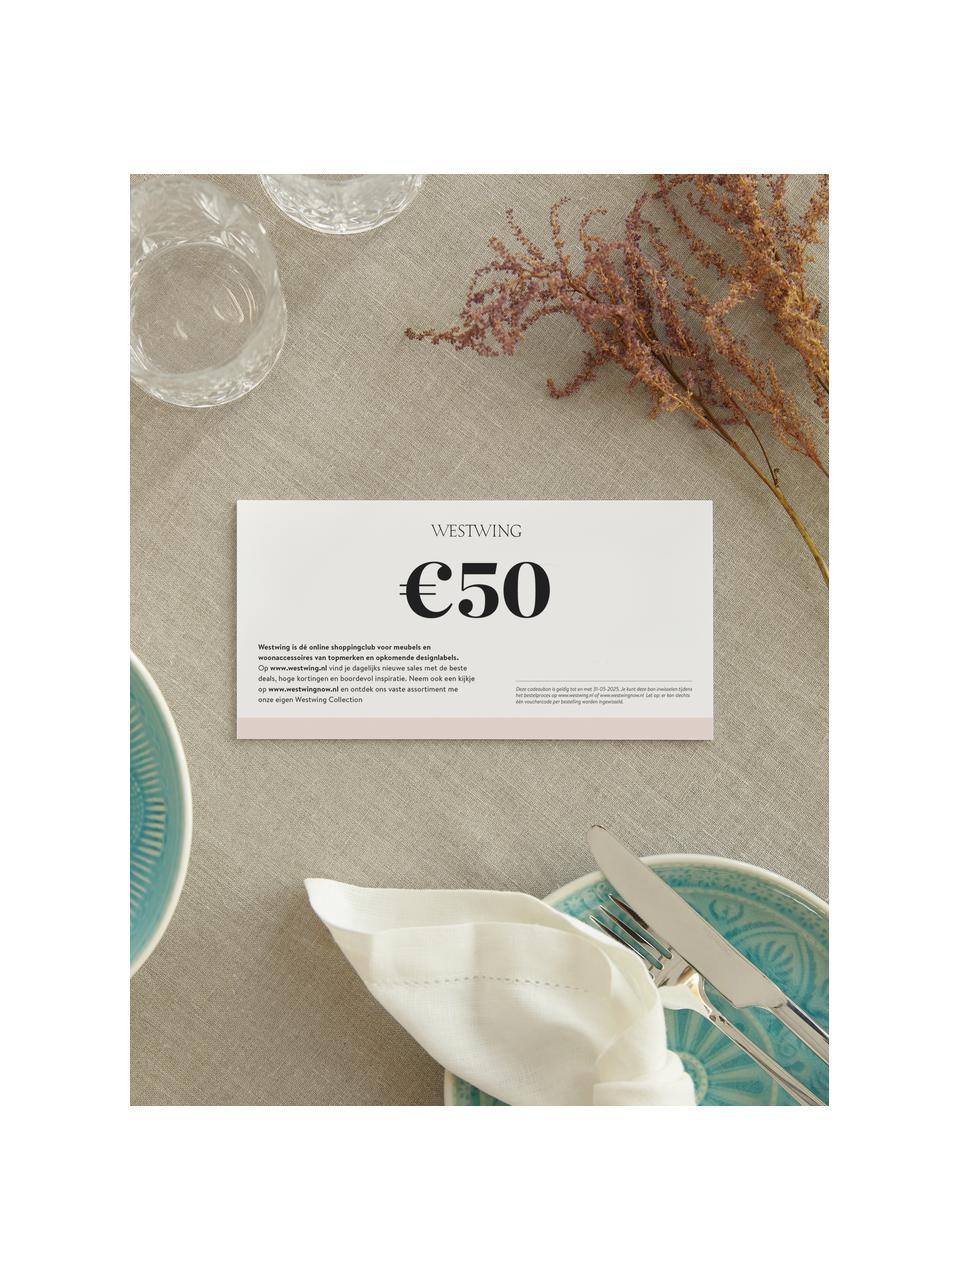 Cadeaubon, Cadeaubon op hoogwaardig papier., Wit, 50